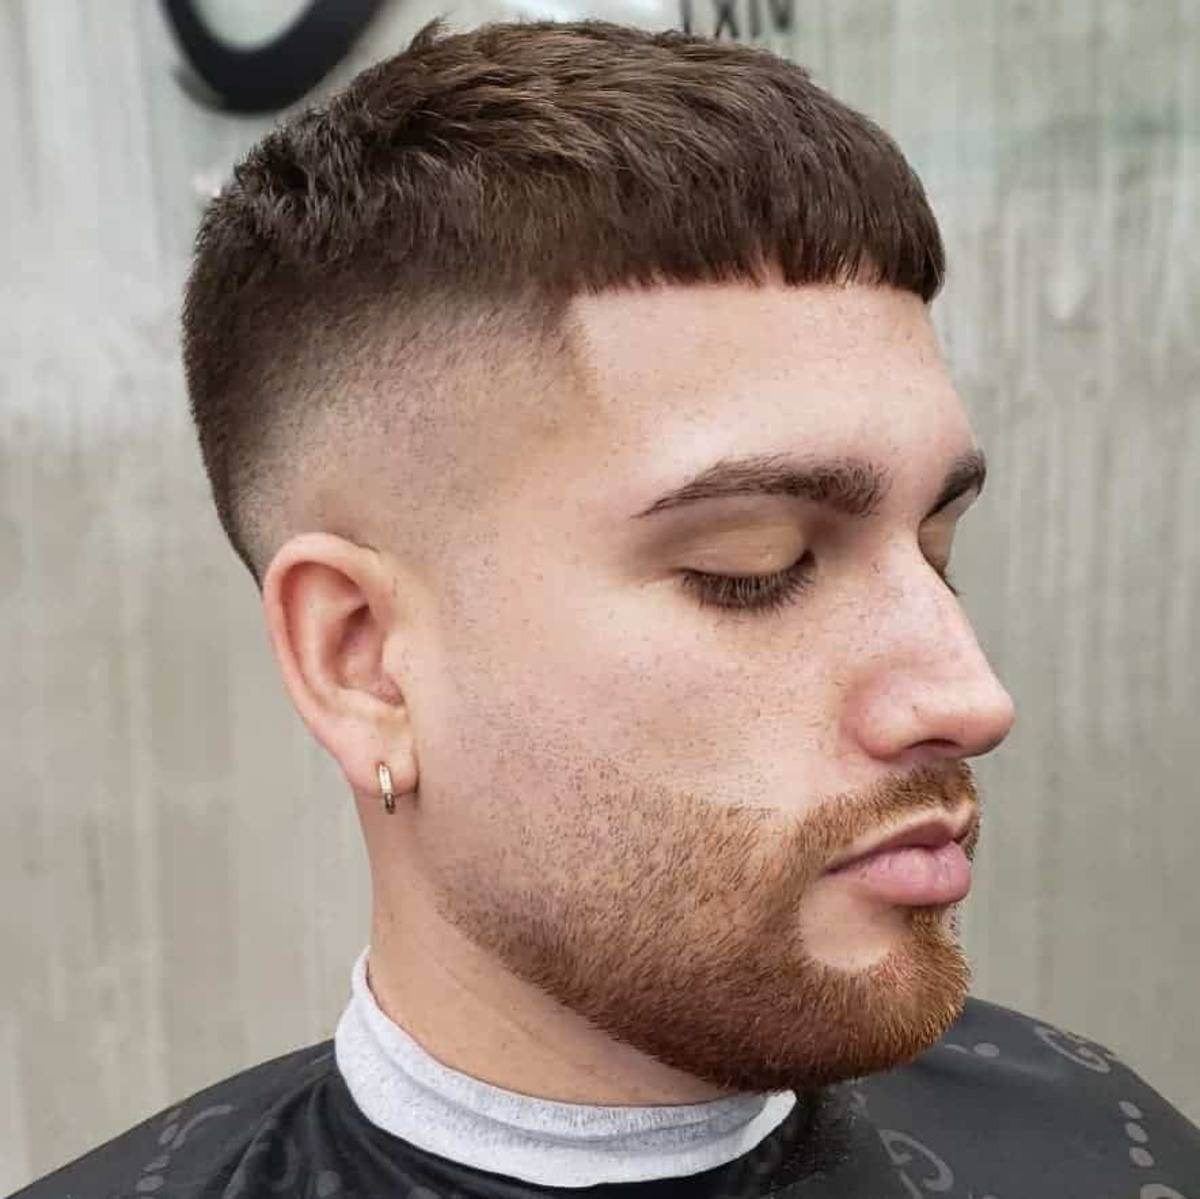 Decoloración de la piel con flequillo corto y decoloración de la barba